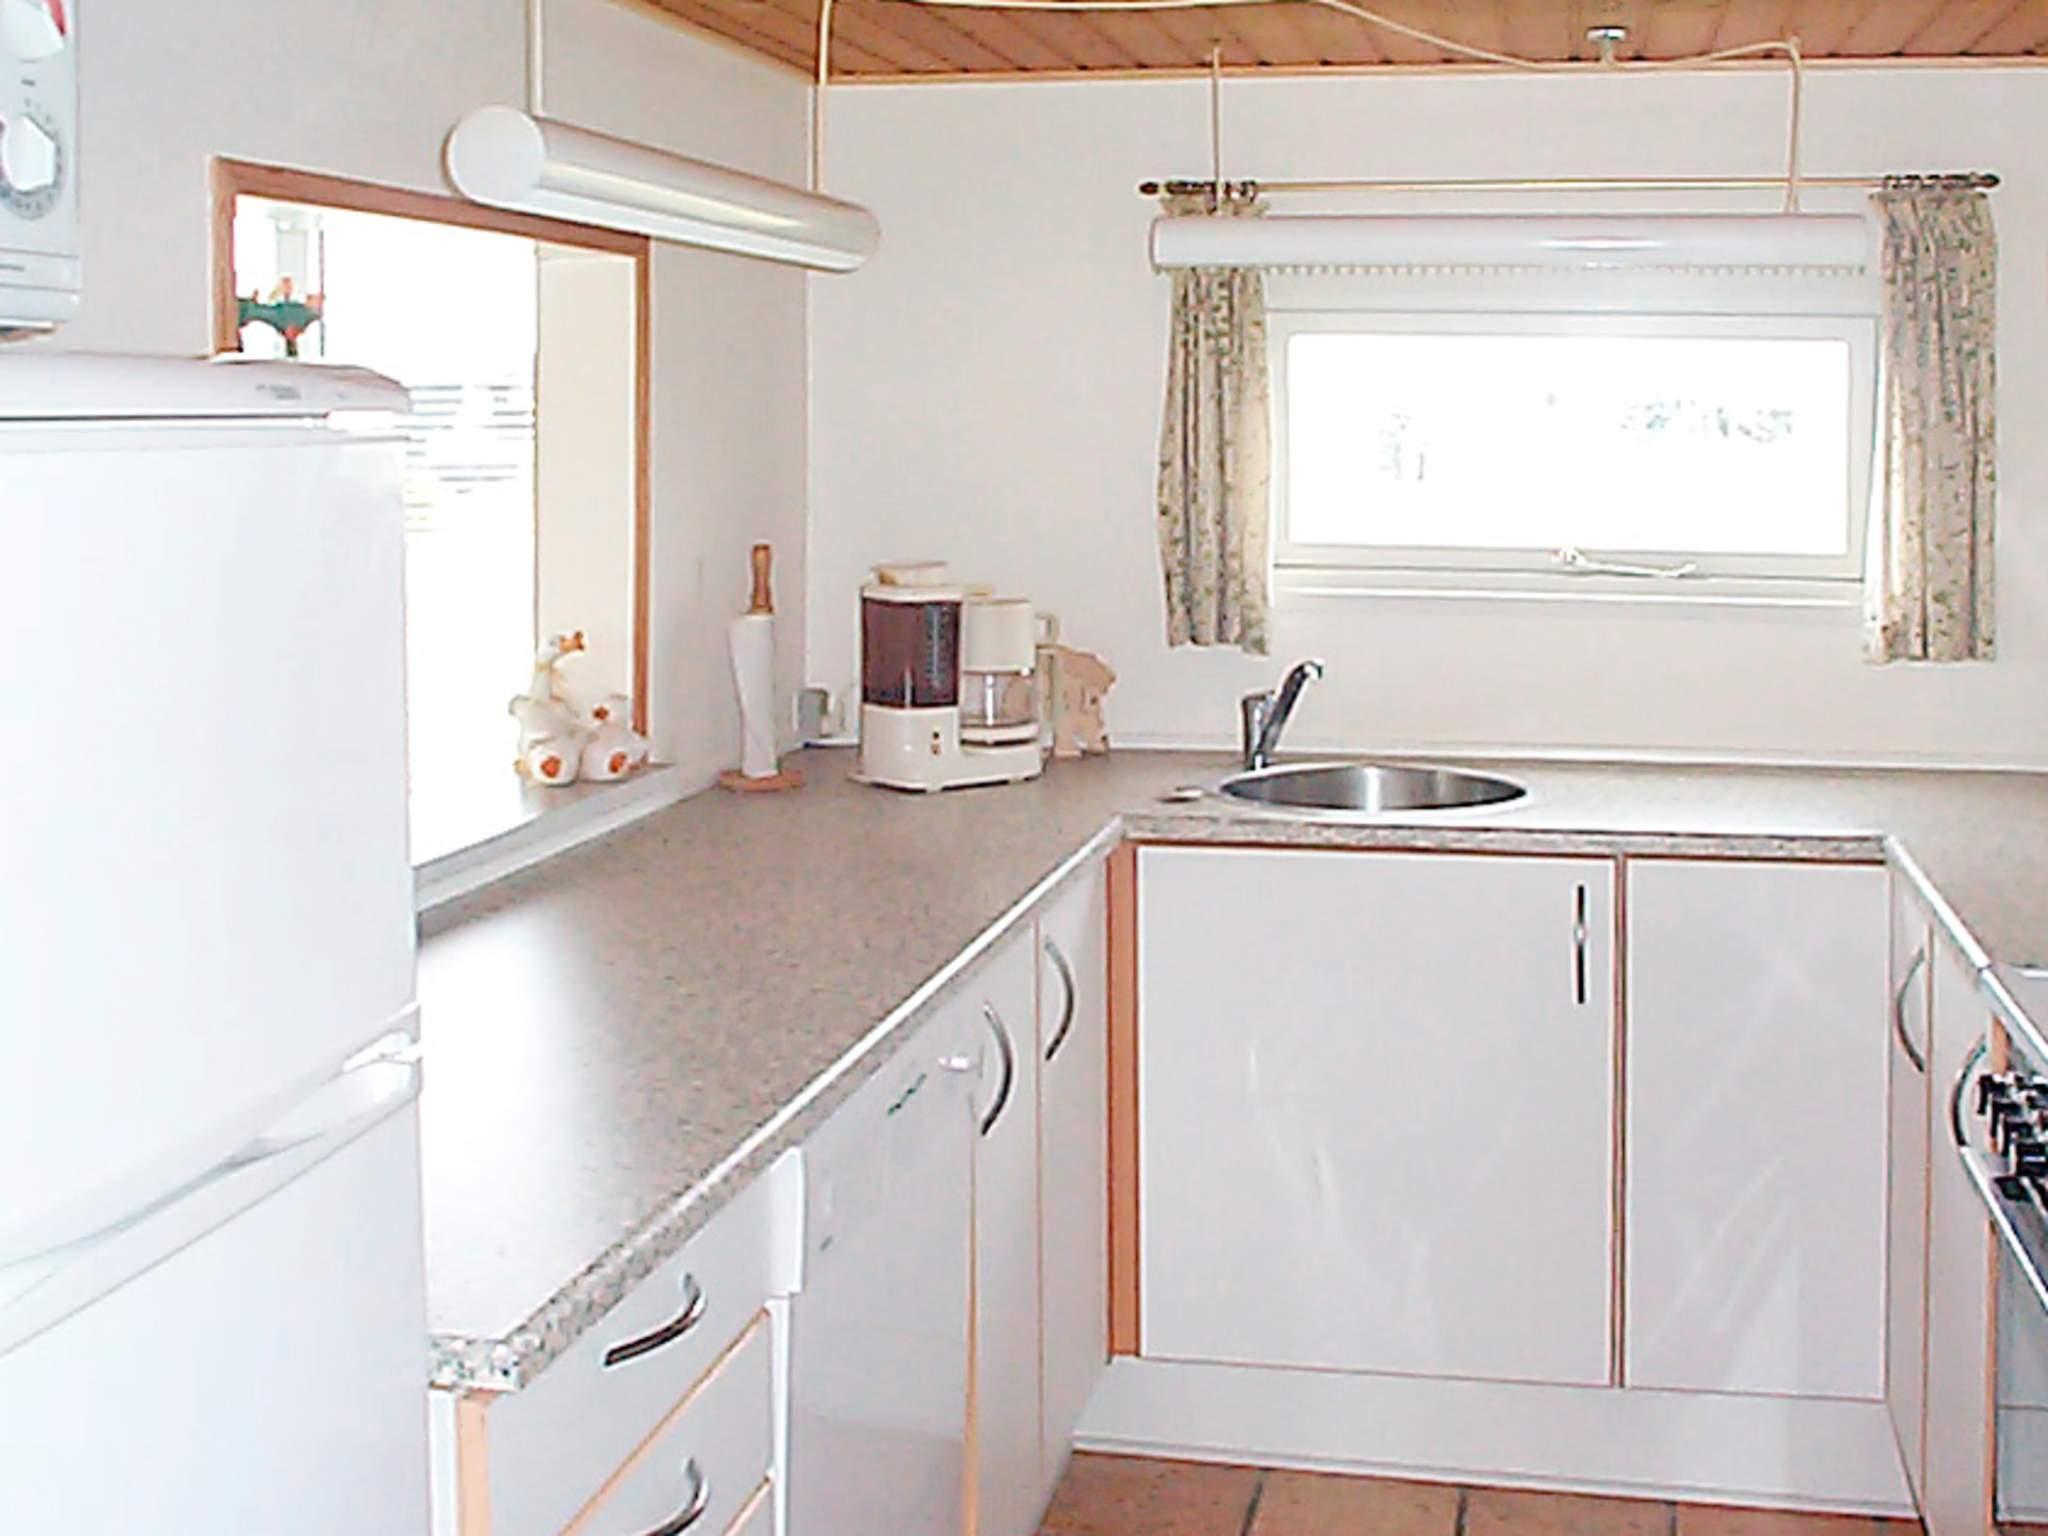 Ferienhaus Løkken (83321), Løkken, , Nordwestjütland, Dänemark, Bild 6